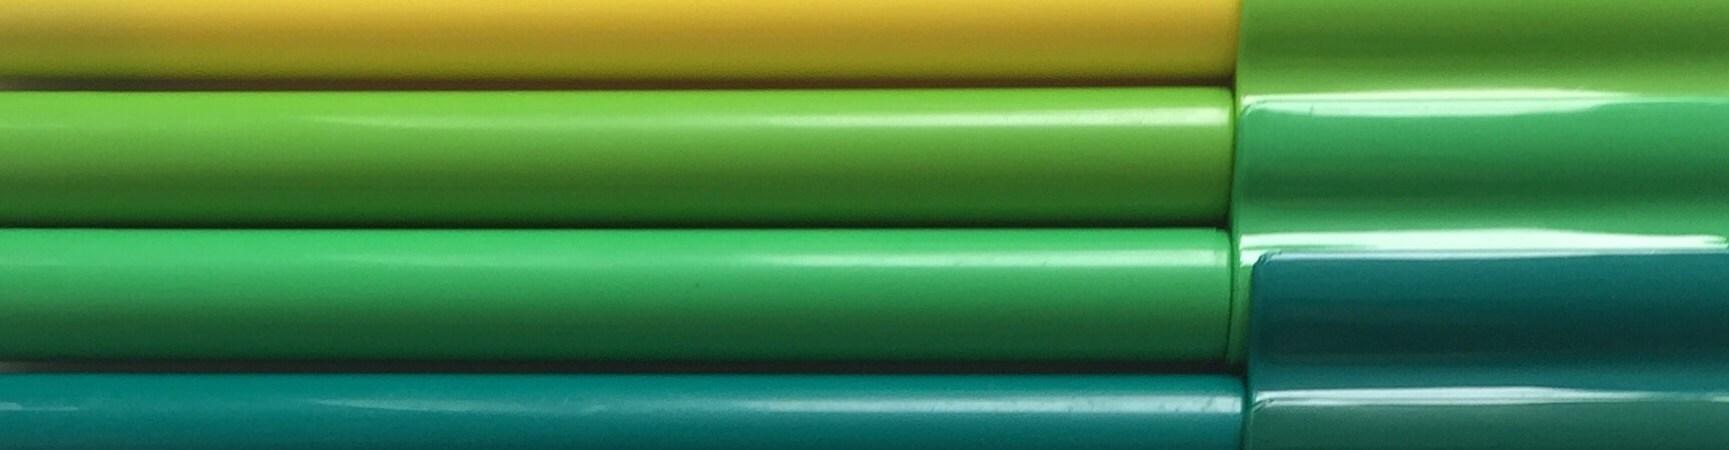 coloured felt ip pens arranged in a rainbow